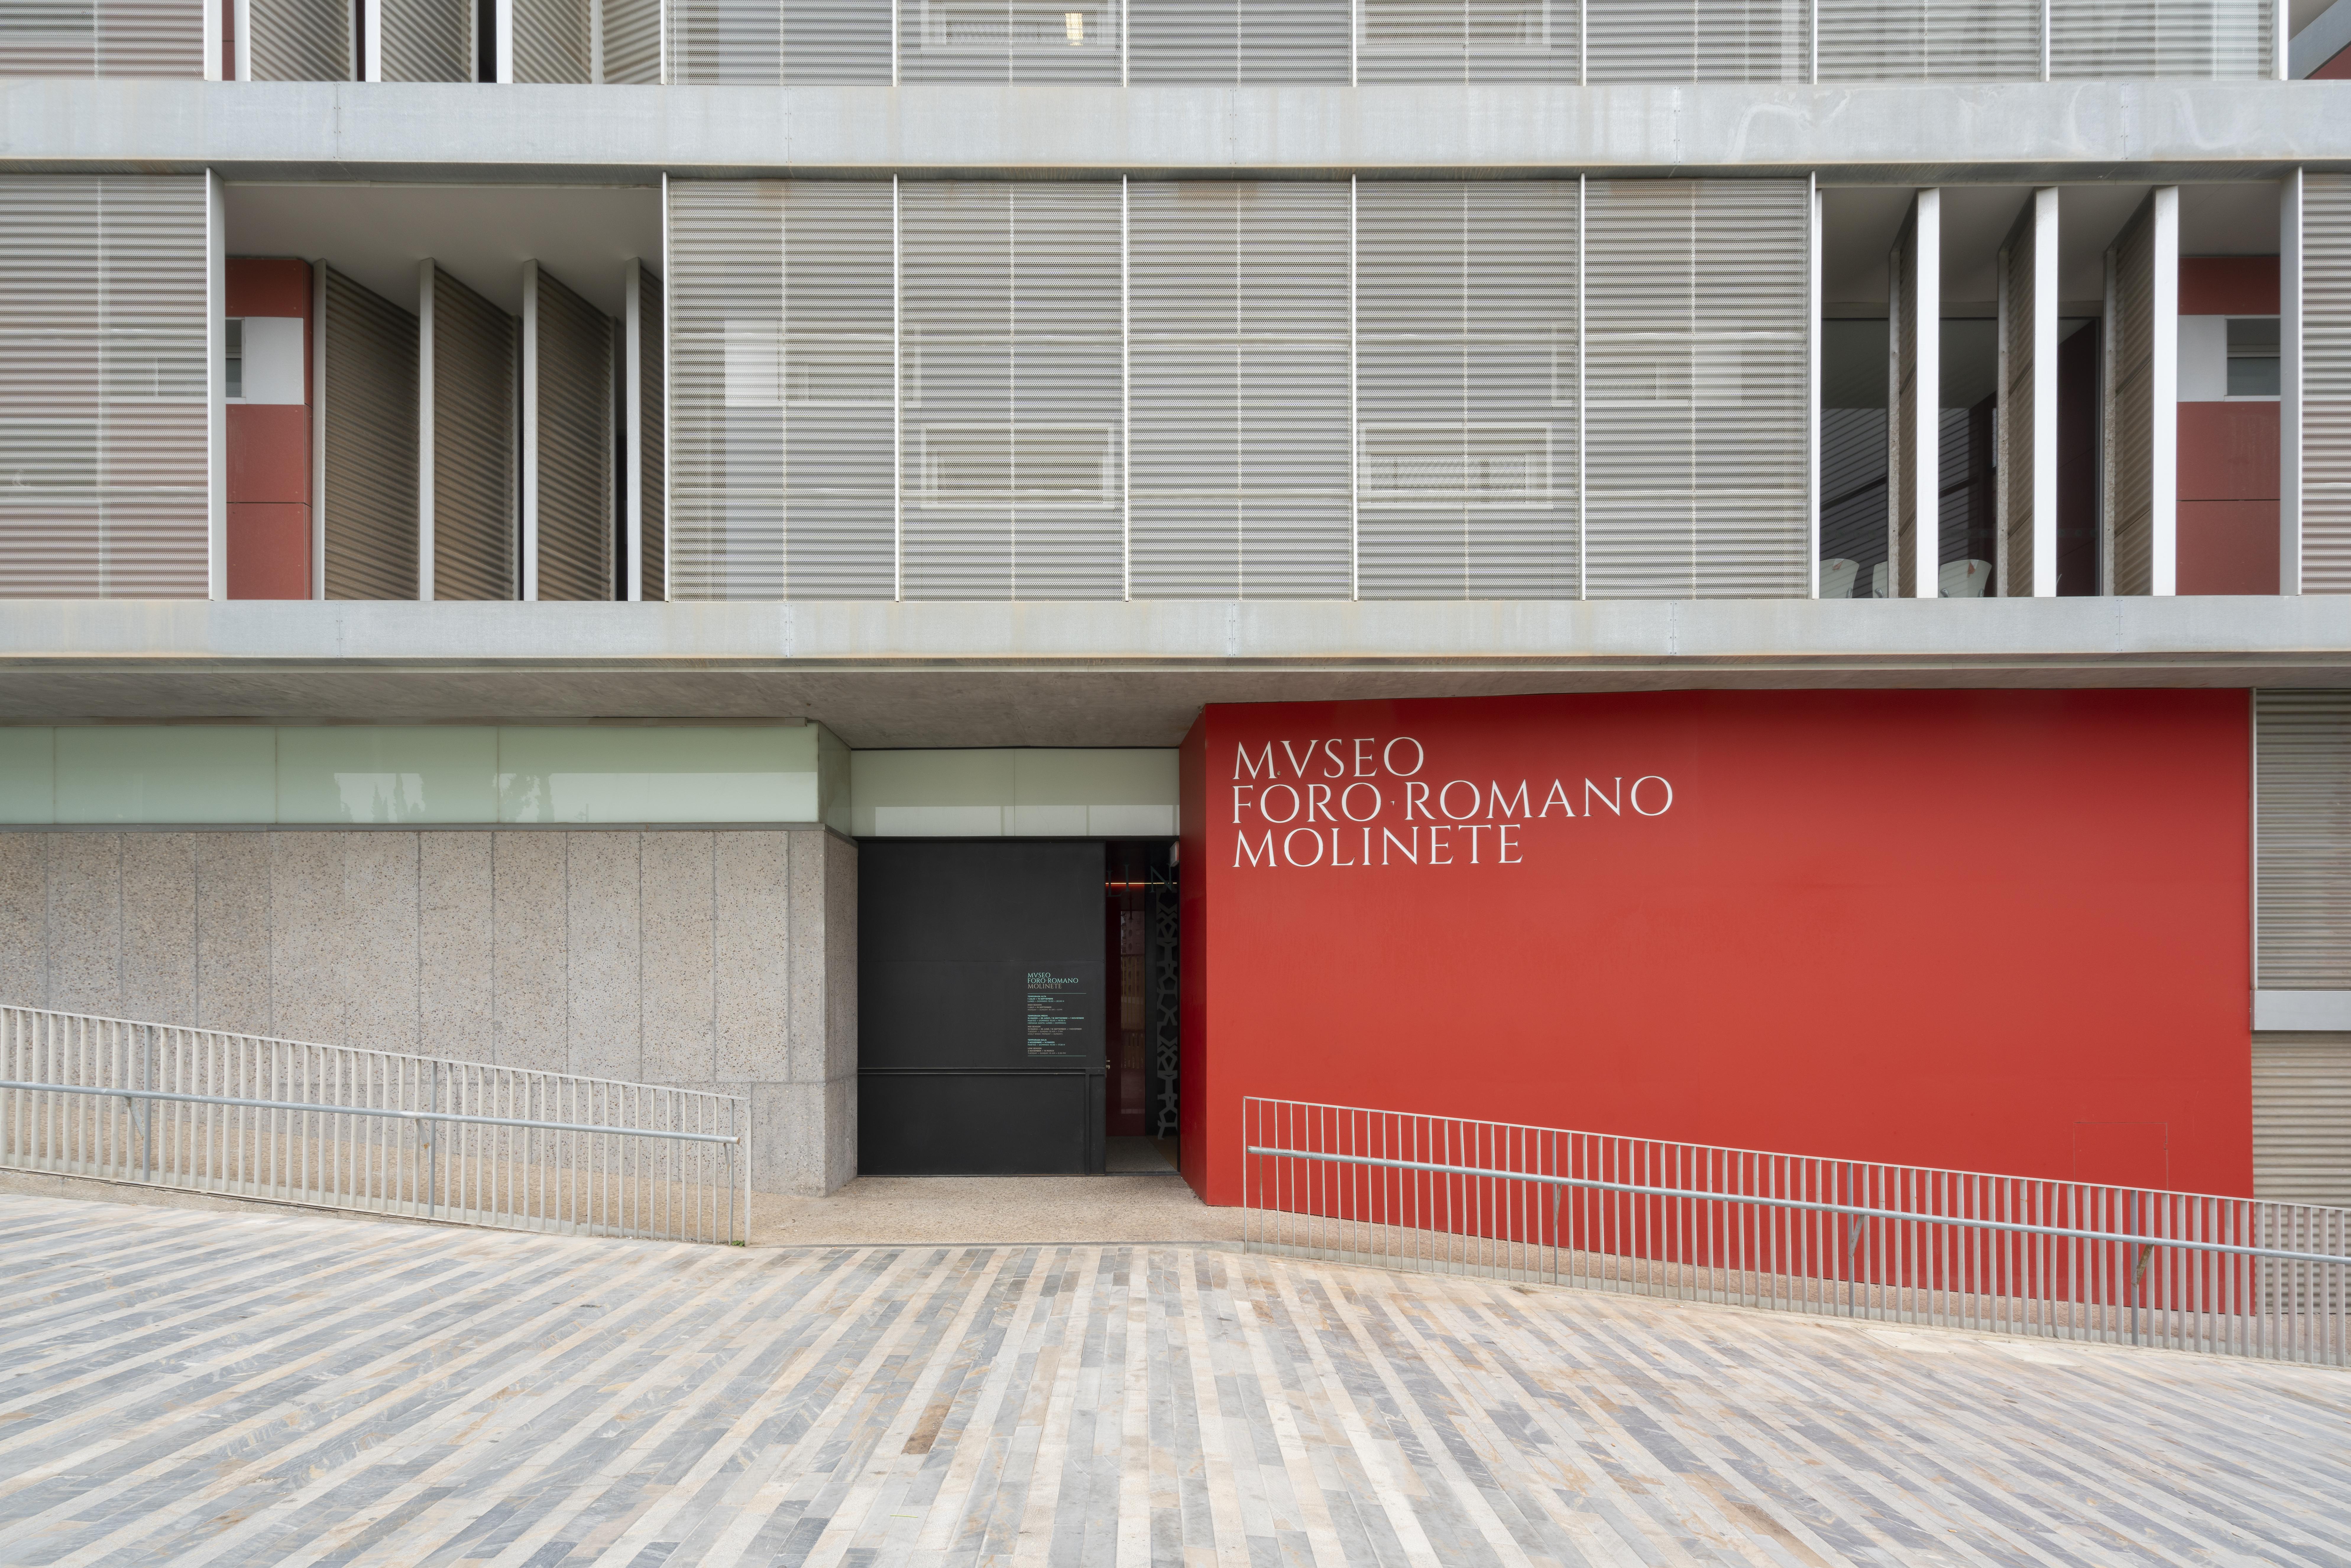 NOCHE DE LOS MUSEOS. MUSEO FORO ROMANO MOLINETE. HORARIO CON SERVICIO DE VISITA GUIADA 10:30